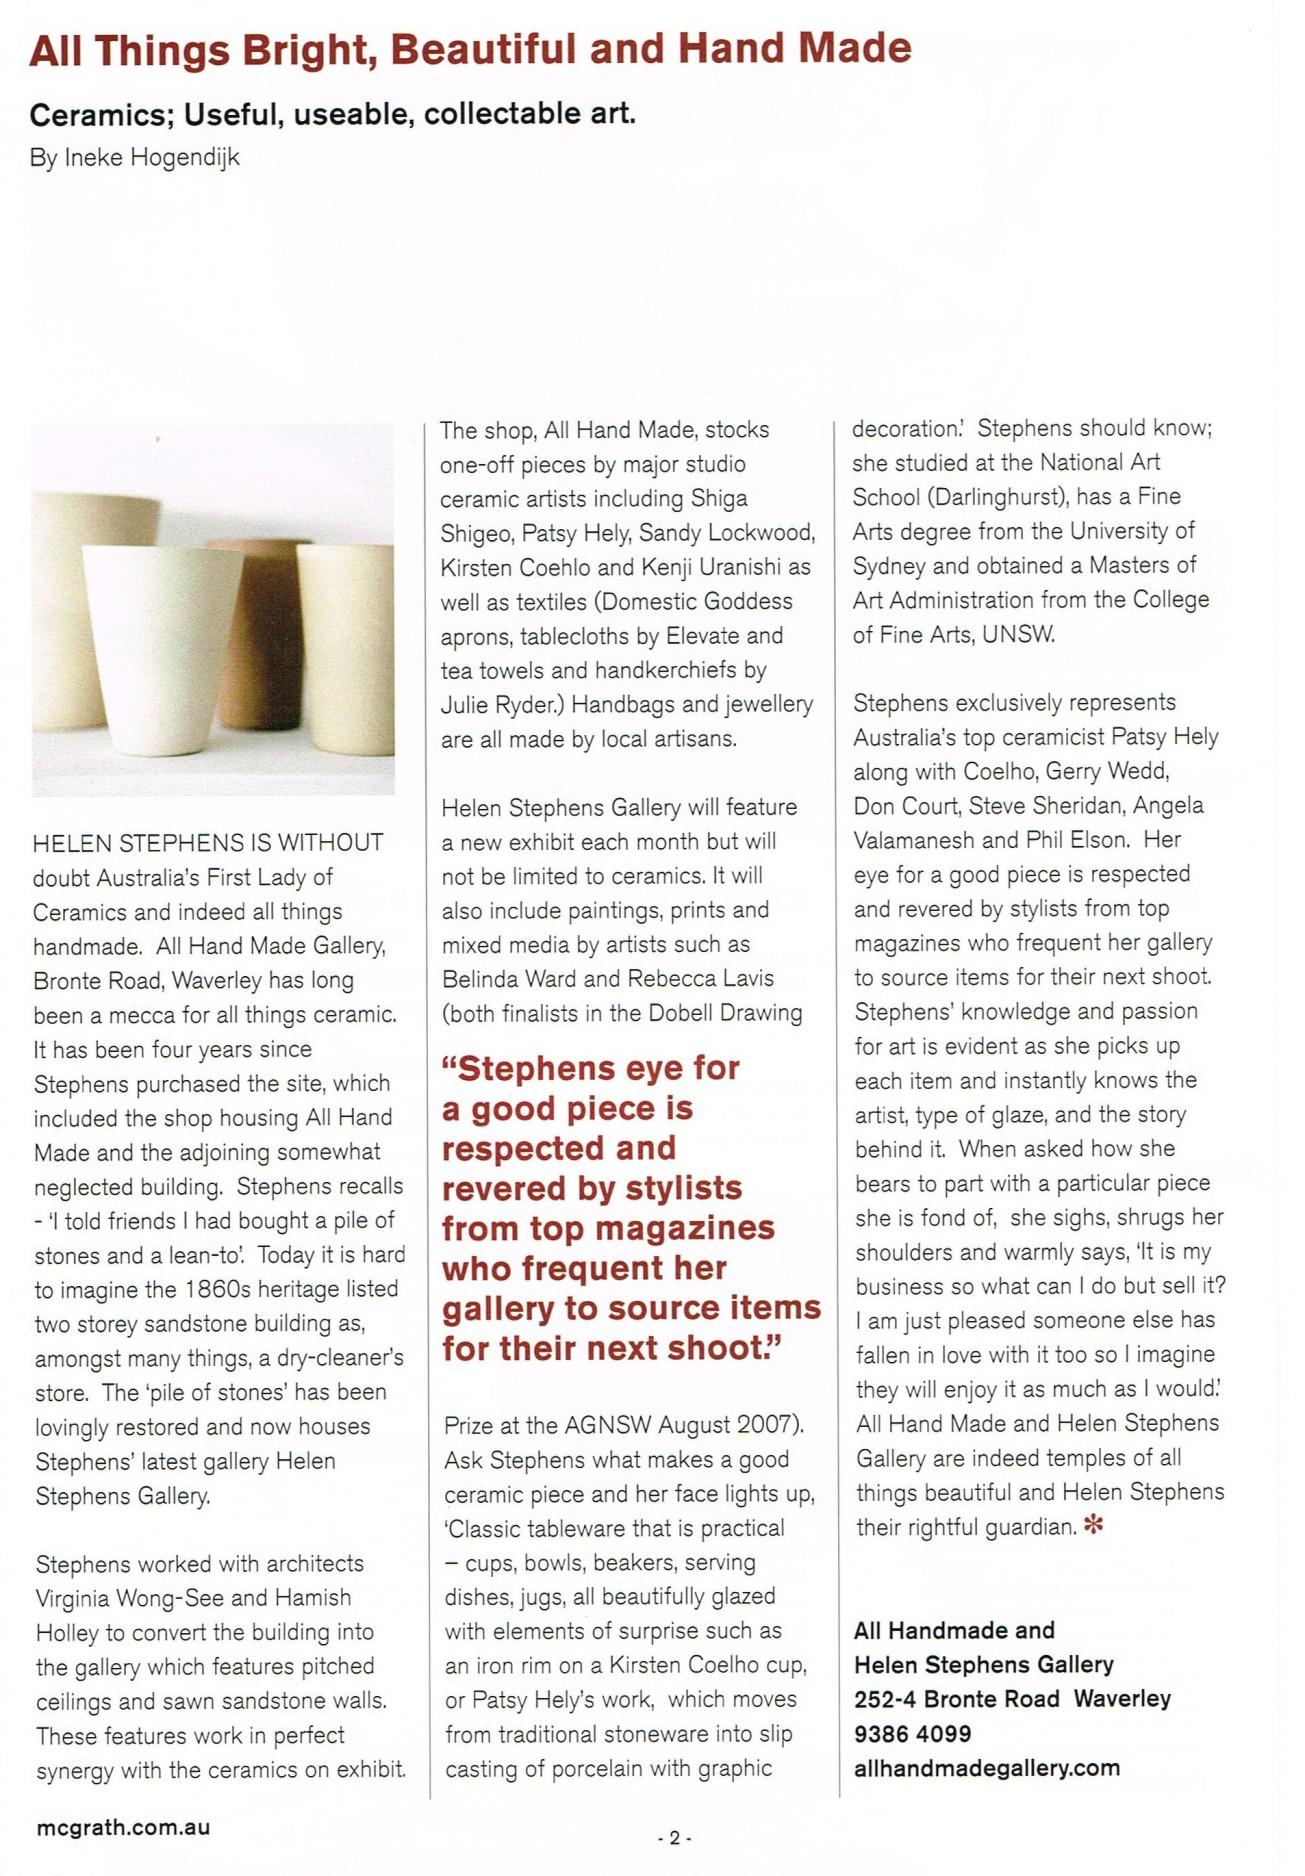 McGrath Magazine Feature